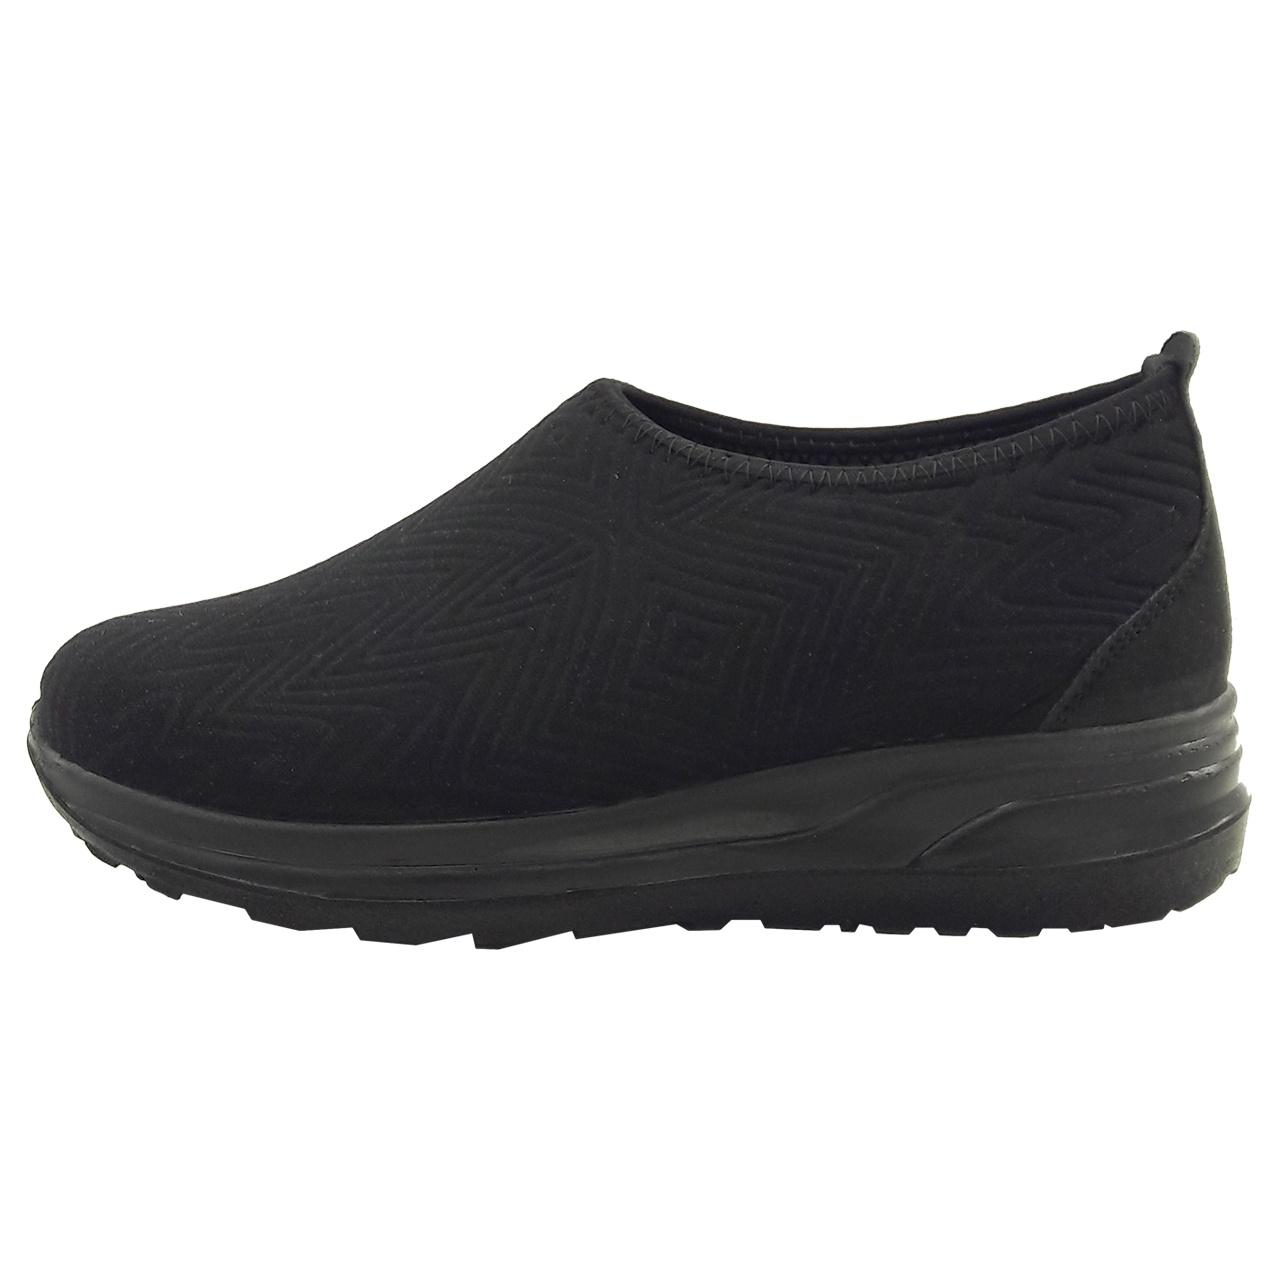 کفش مخصوص پیاده روی زنانه مدل Cpn comfort bl01